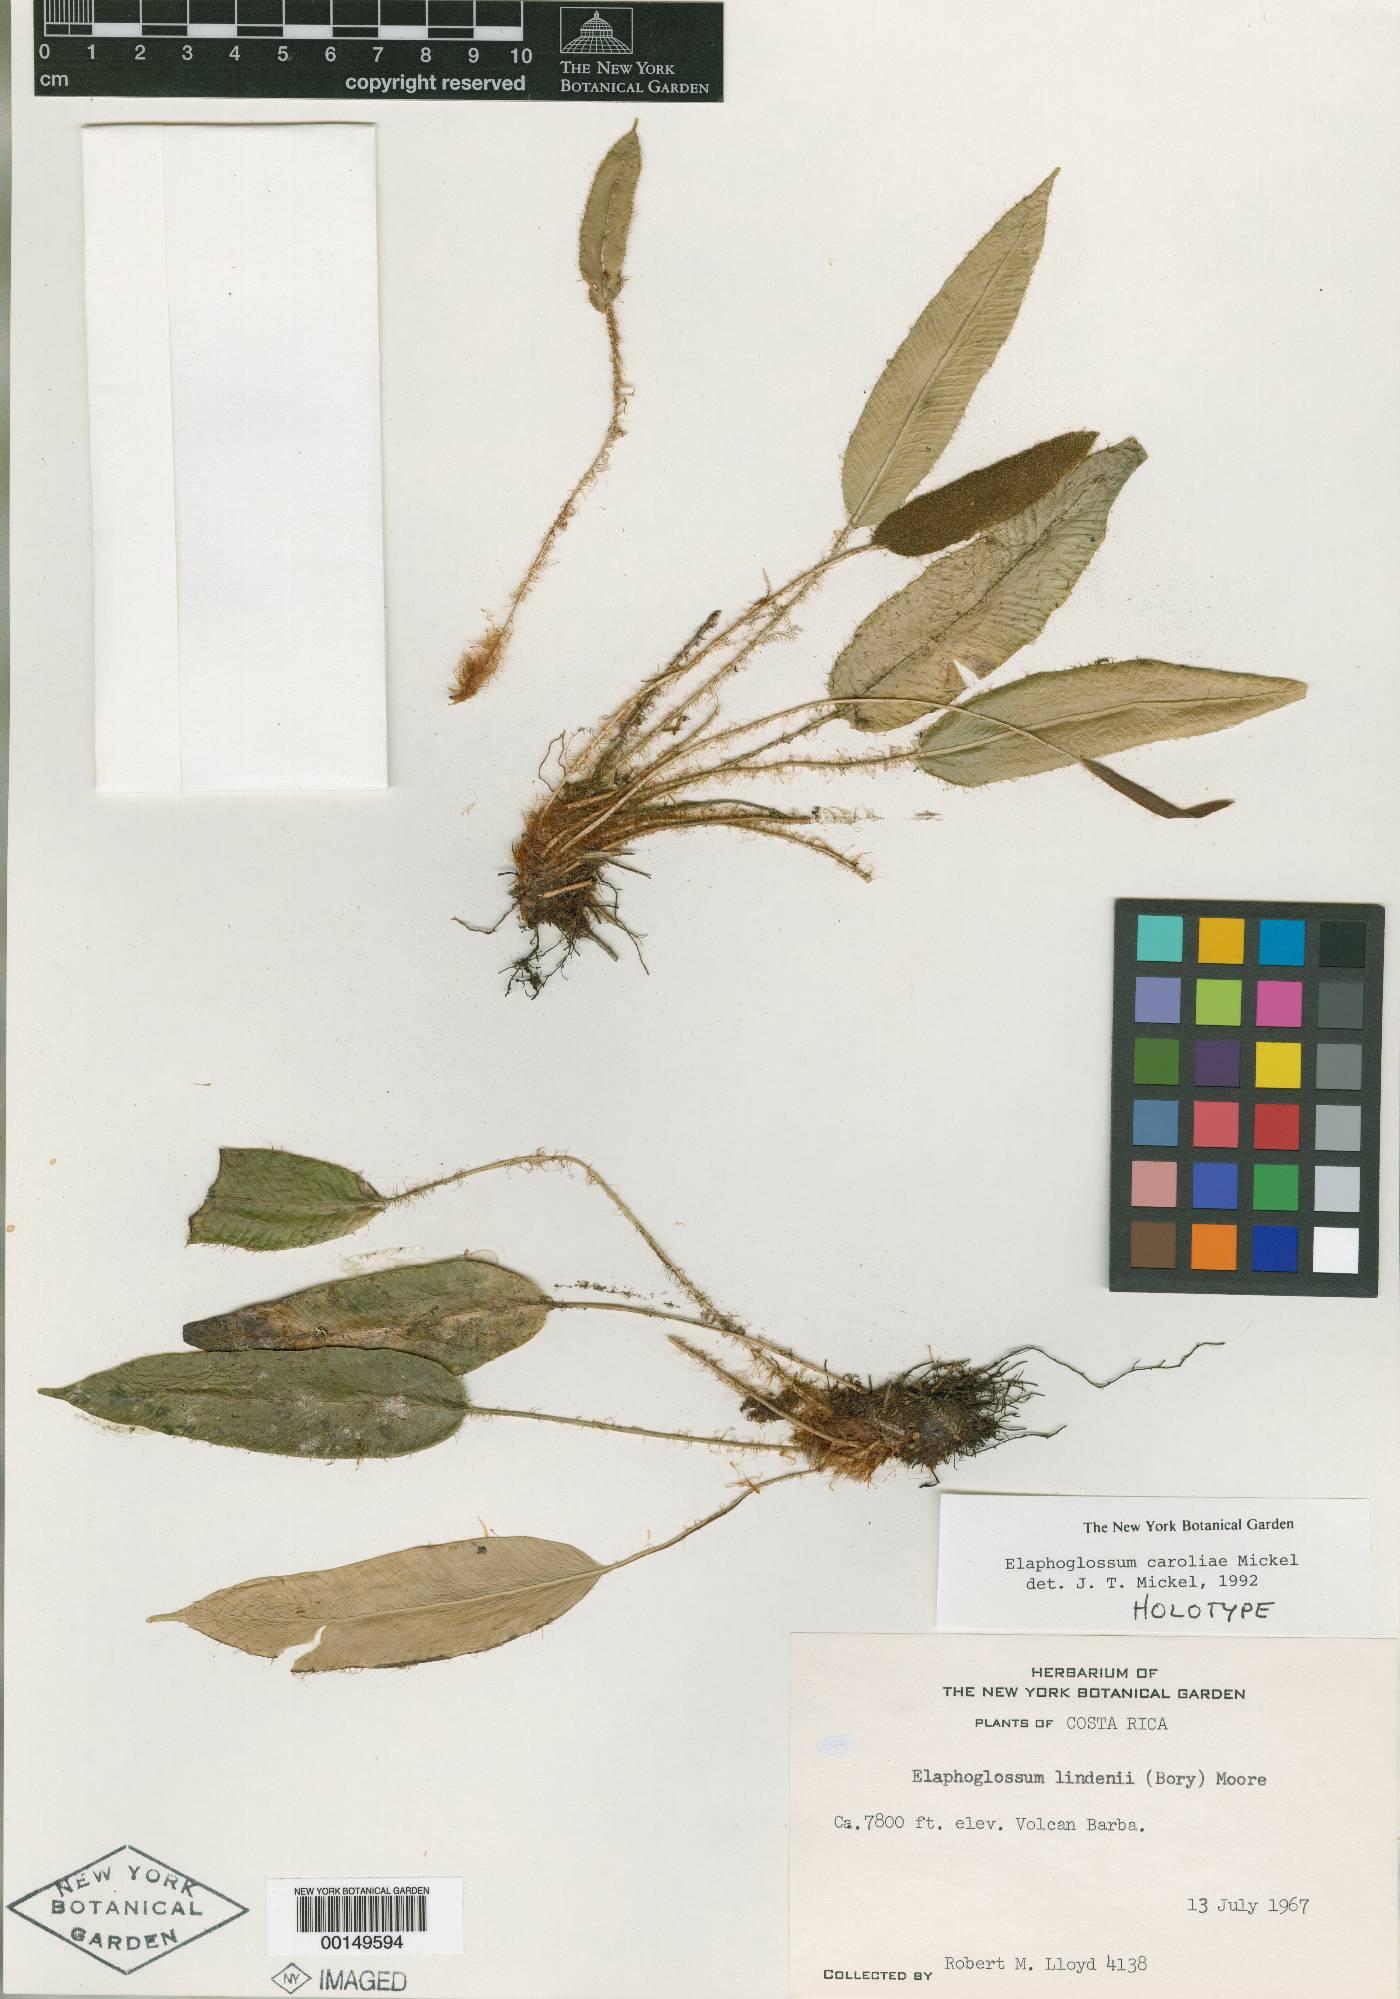 Elaphoglossum caroliae image